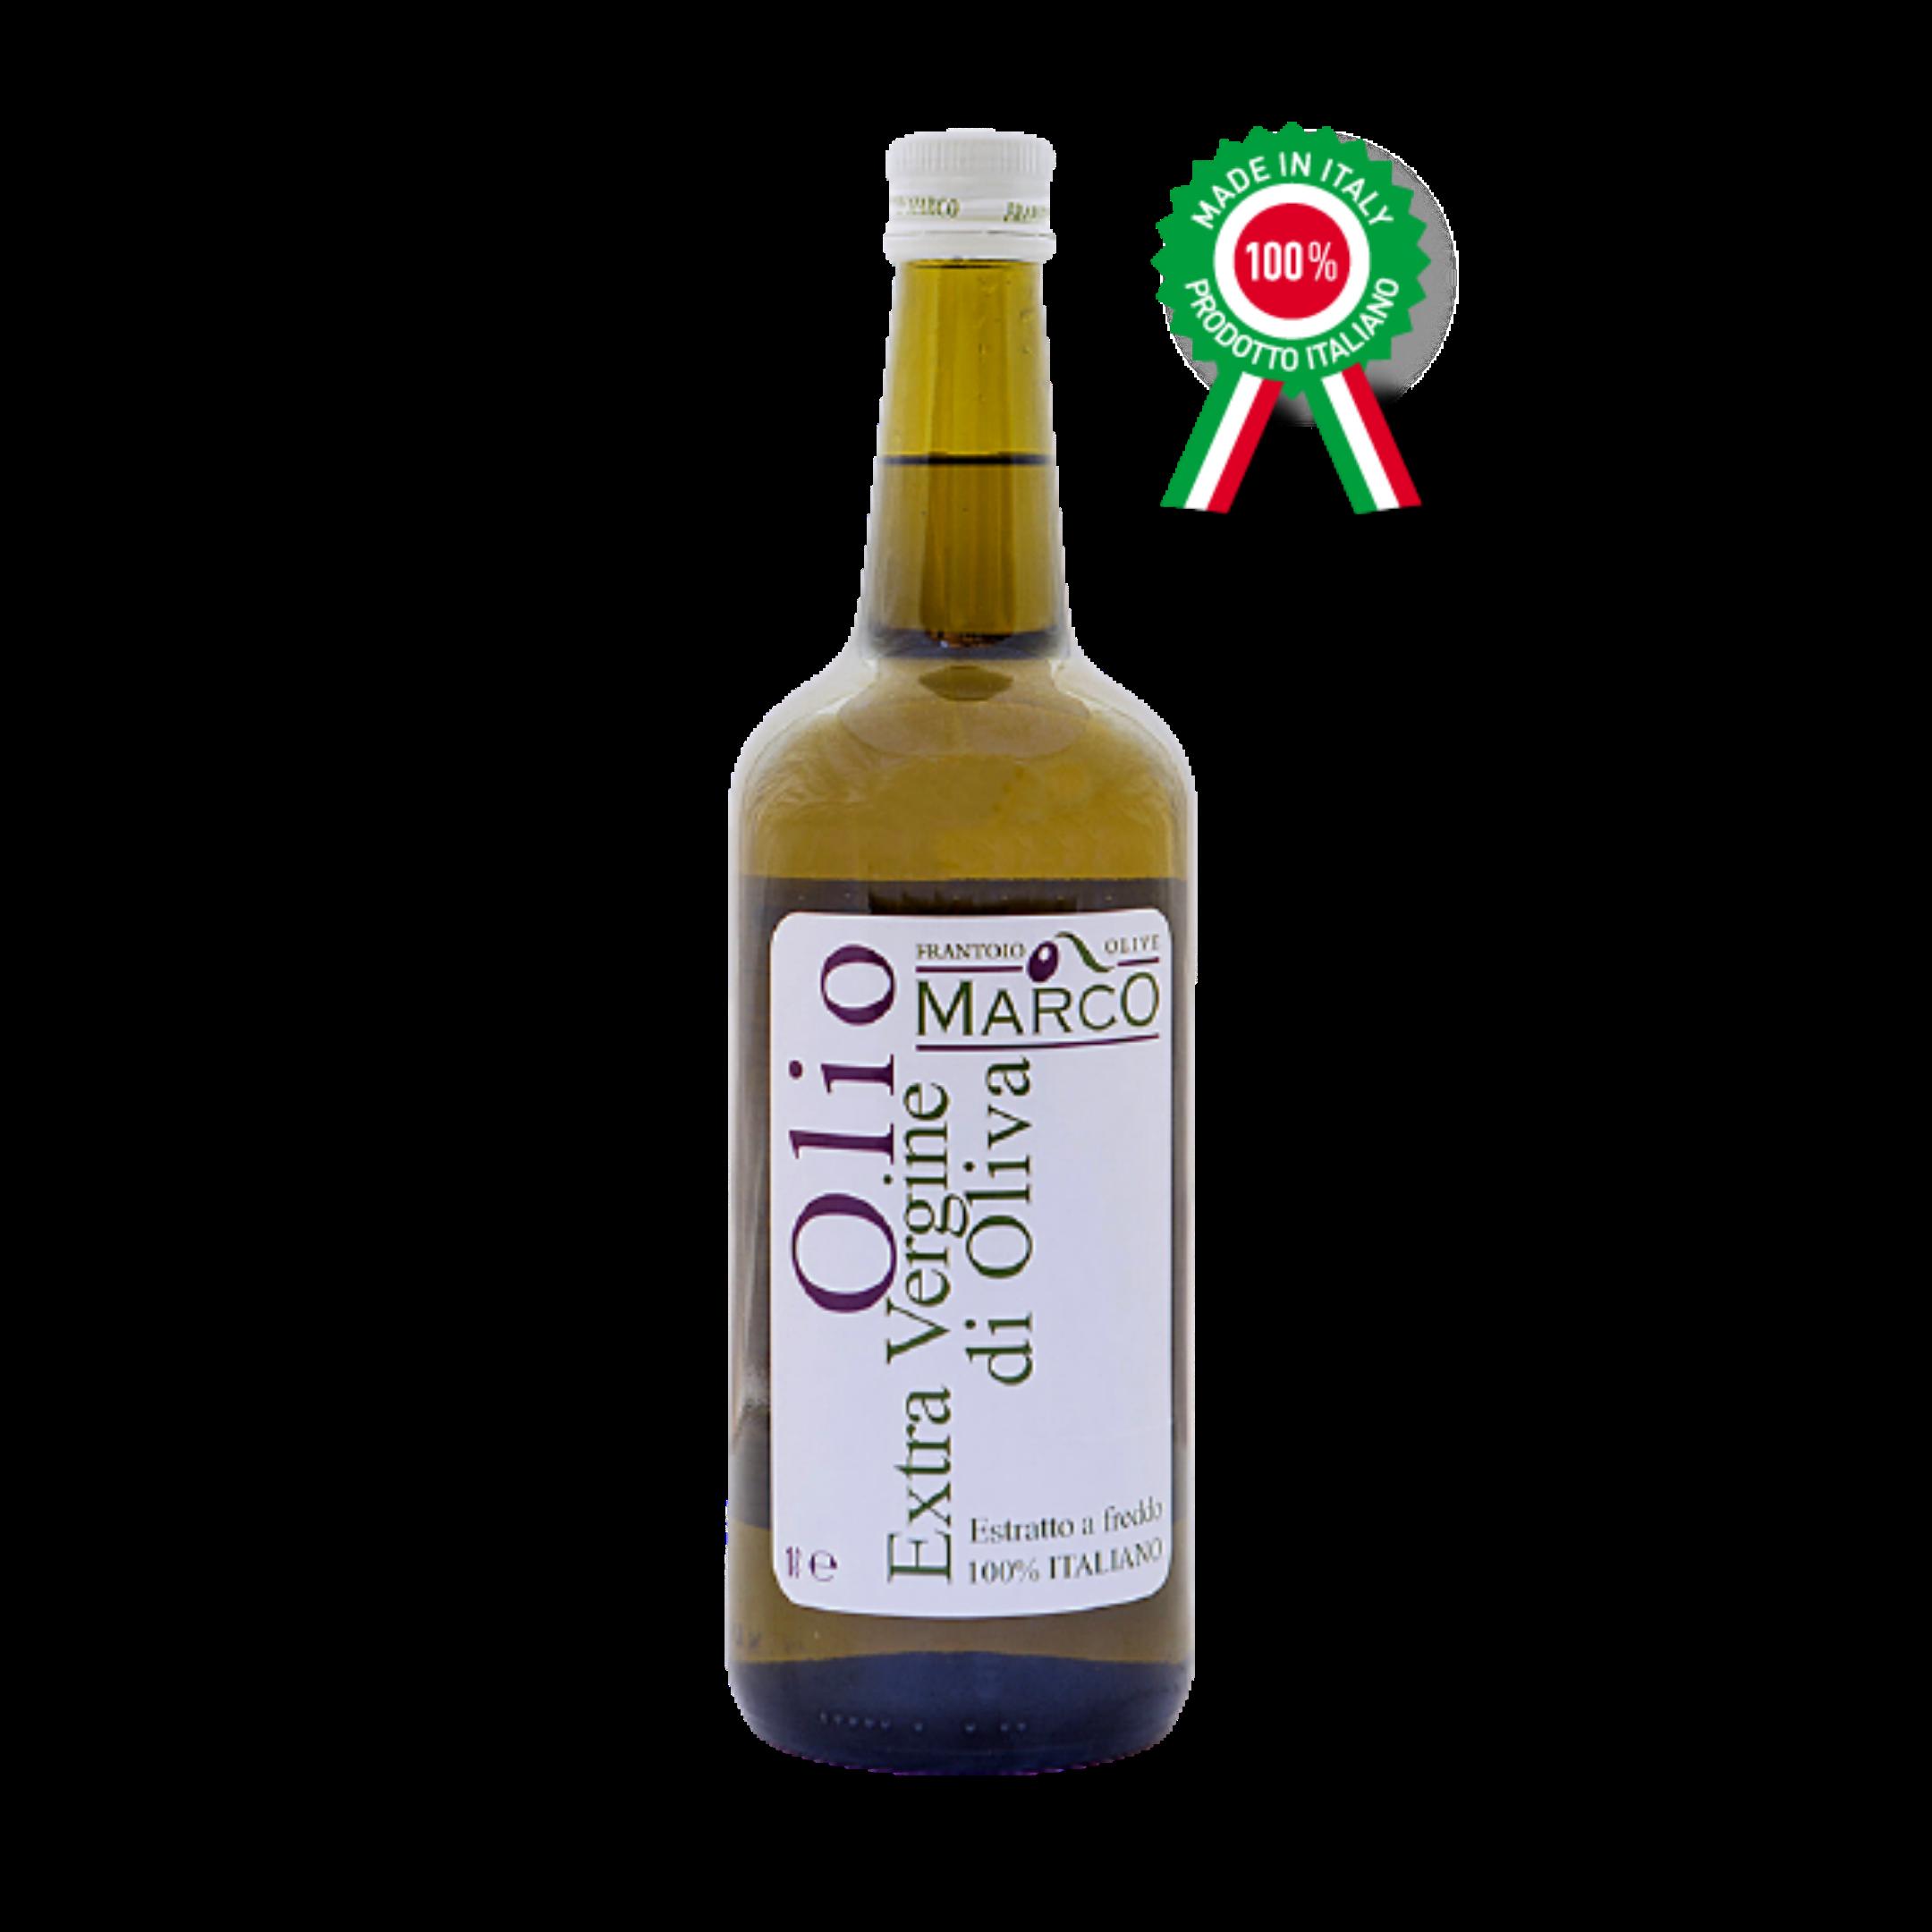 Olio Extra vergine di oliva 1 l